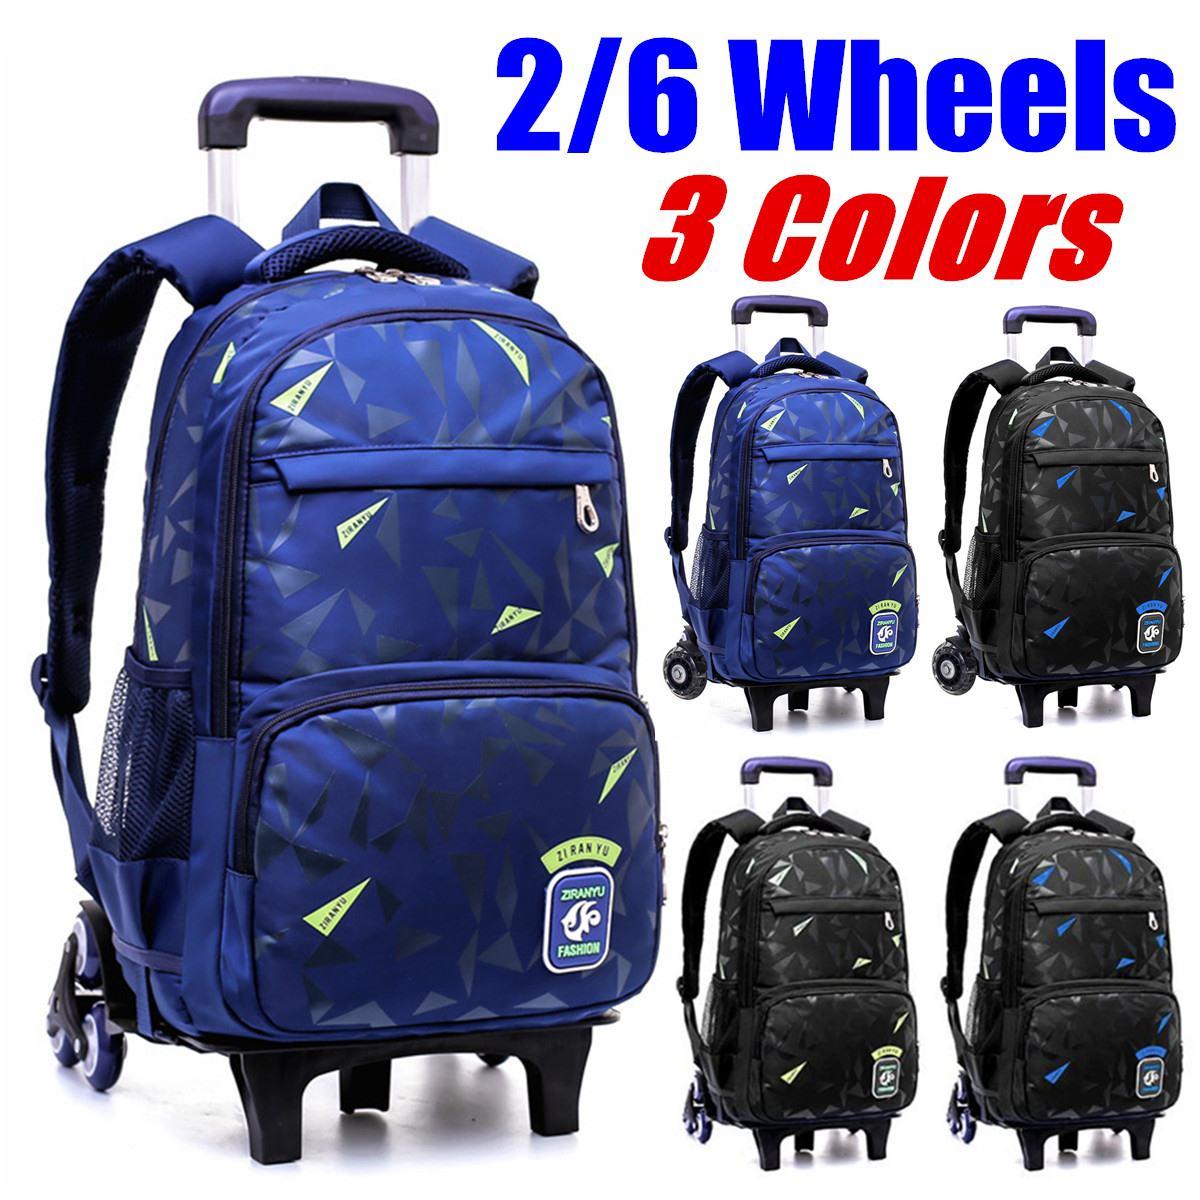 2019 nouveau imperméable à l'eau amovible enfants sacs d'école avec 2/6 roues escaliers enfants chariot cartable livre sacs garçons filles sac à dos